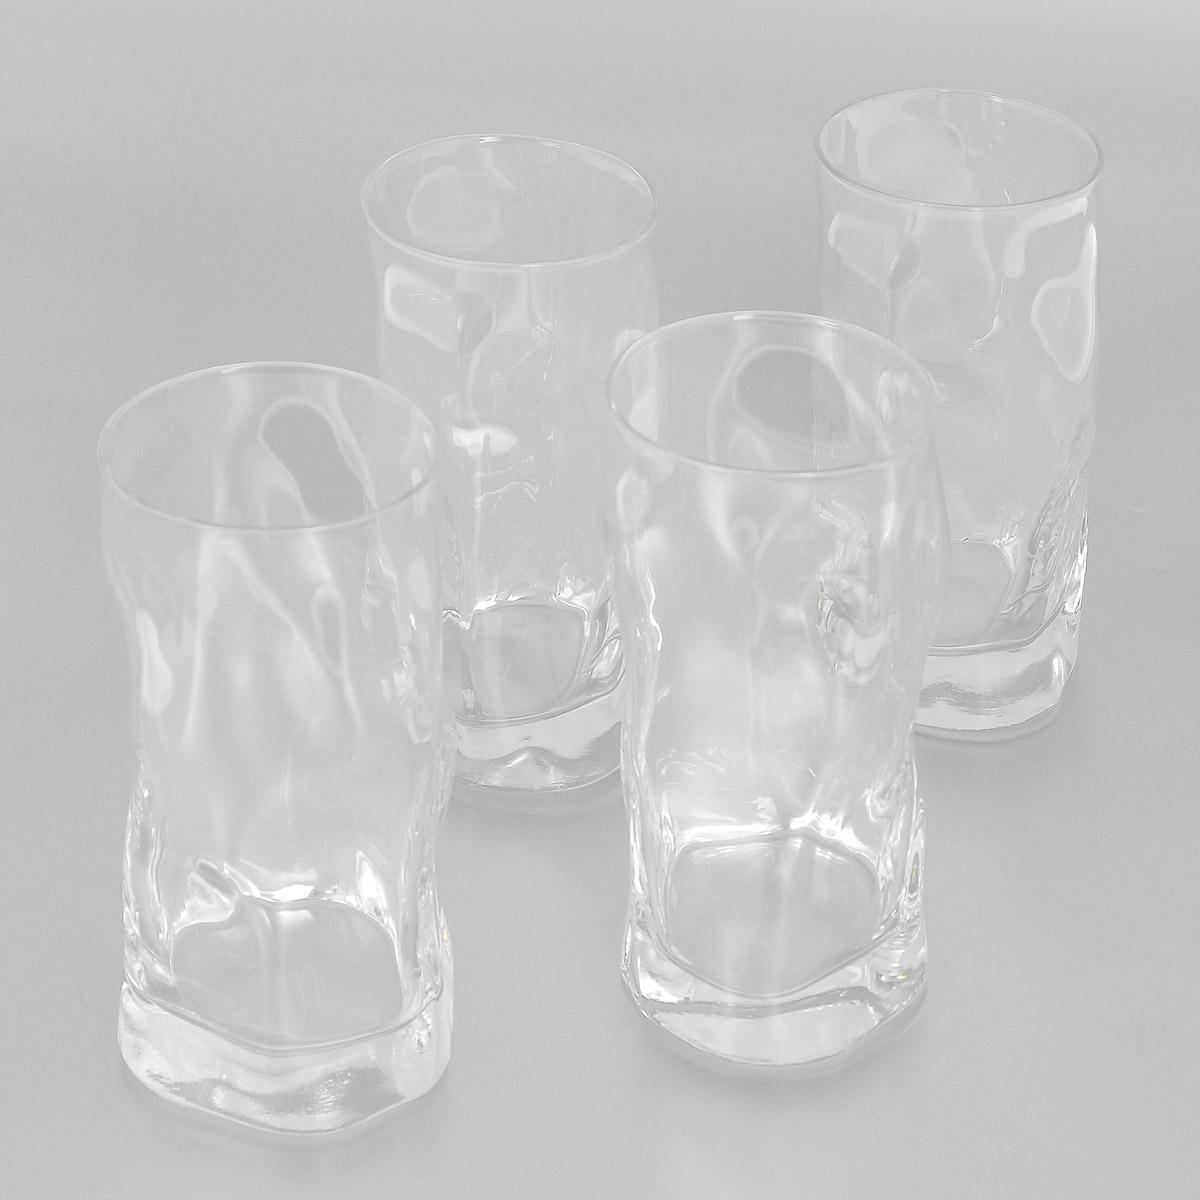 Набор стаканов Bormioli Rocco Sorgente, 460 мл, 4 шт набор стаканов bormioli rocco luna 340 мл 3 шт